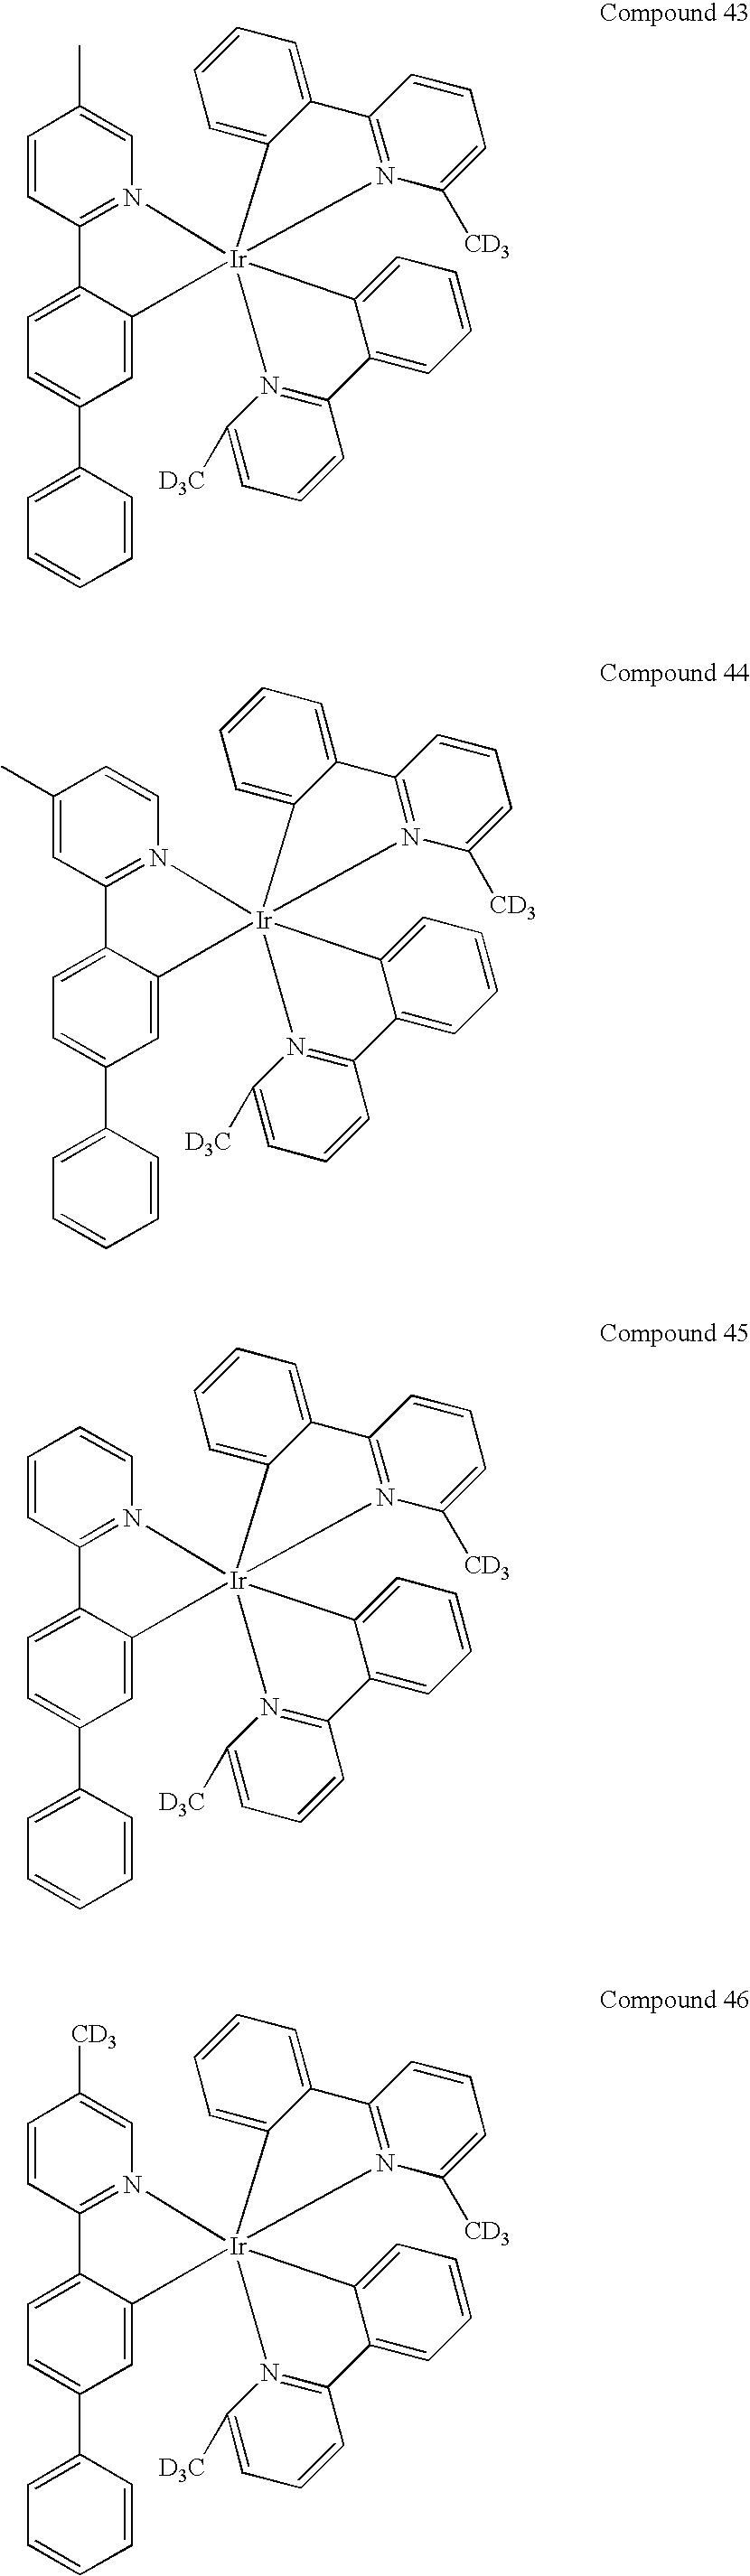 Figure US20100270916A1-20101028-C00026